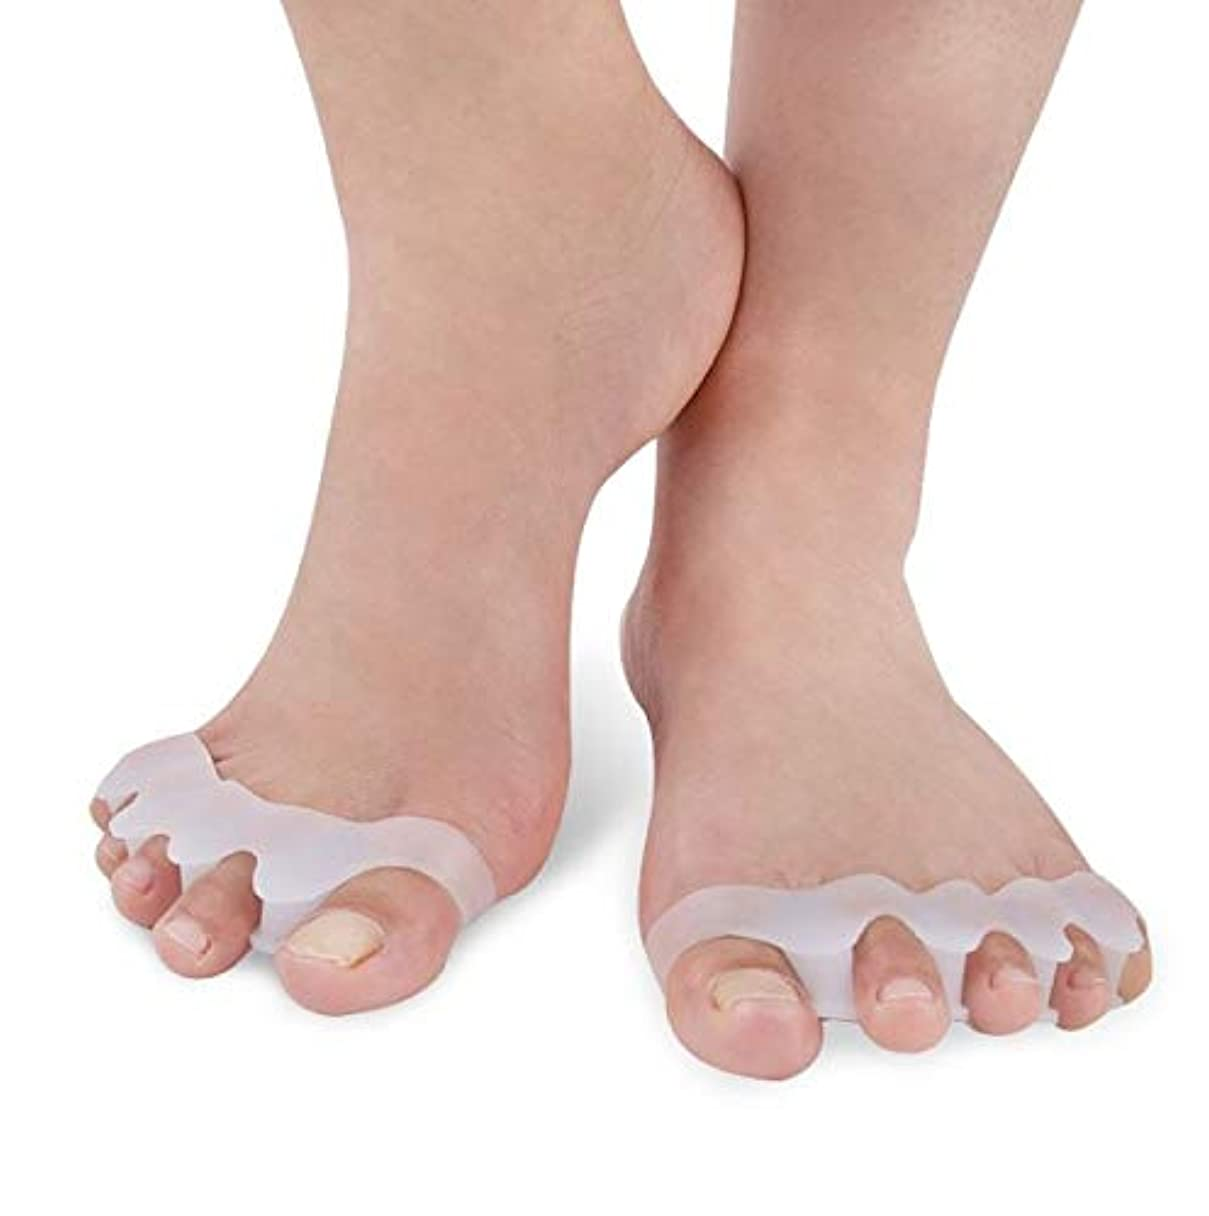 病的見捨てられた火山学者JMARS (ジェイマーズ) 日本人女性用 足指サポーター 柔らかシリコン製 水洗い対応可能品